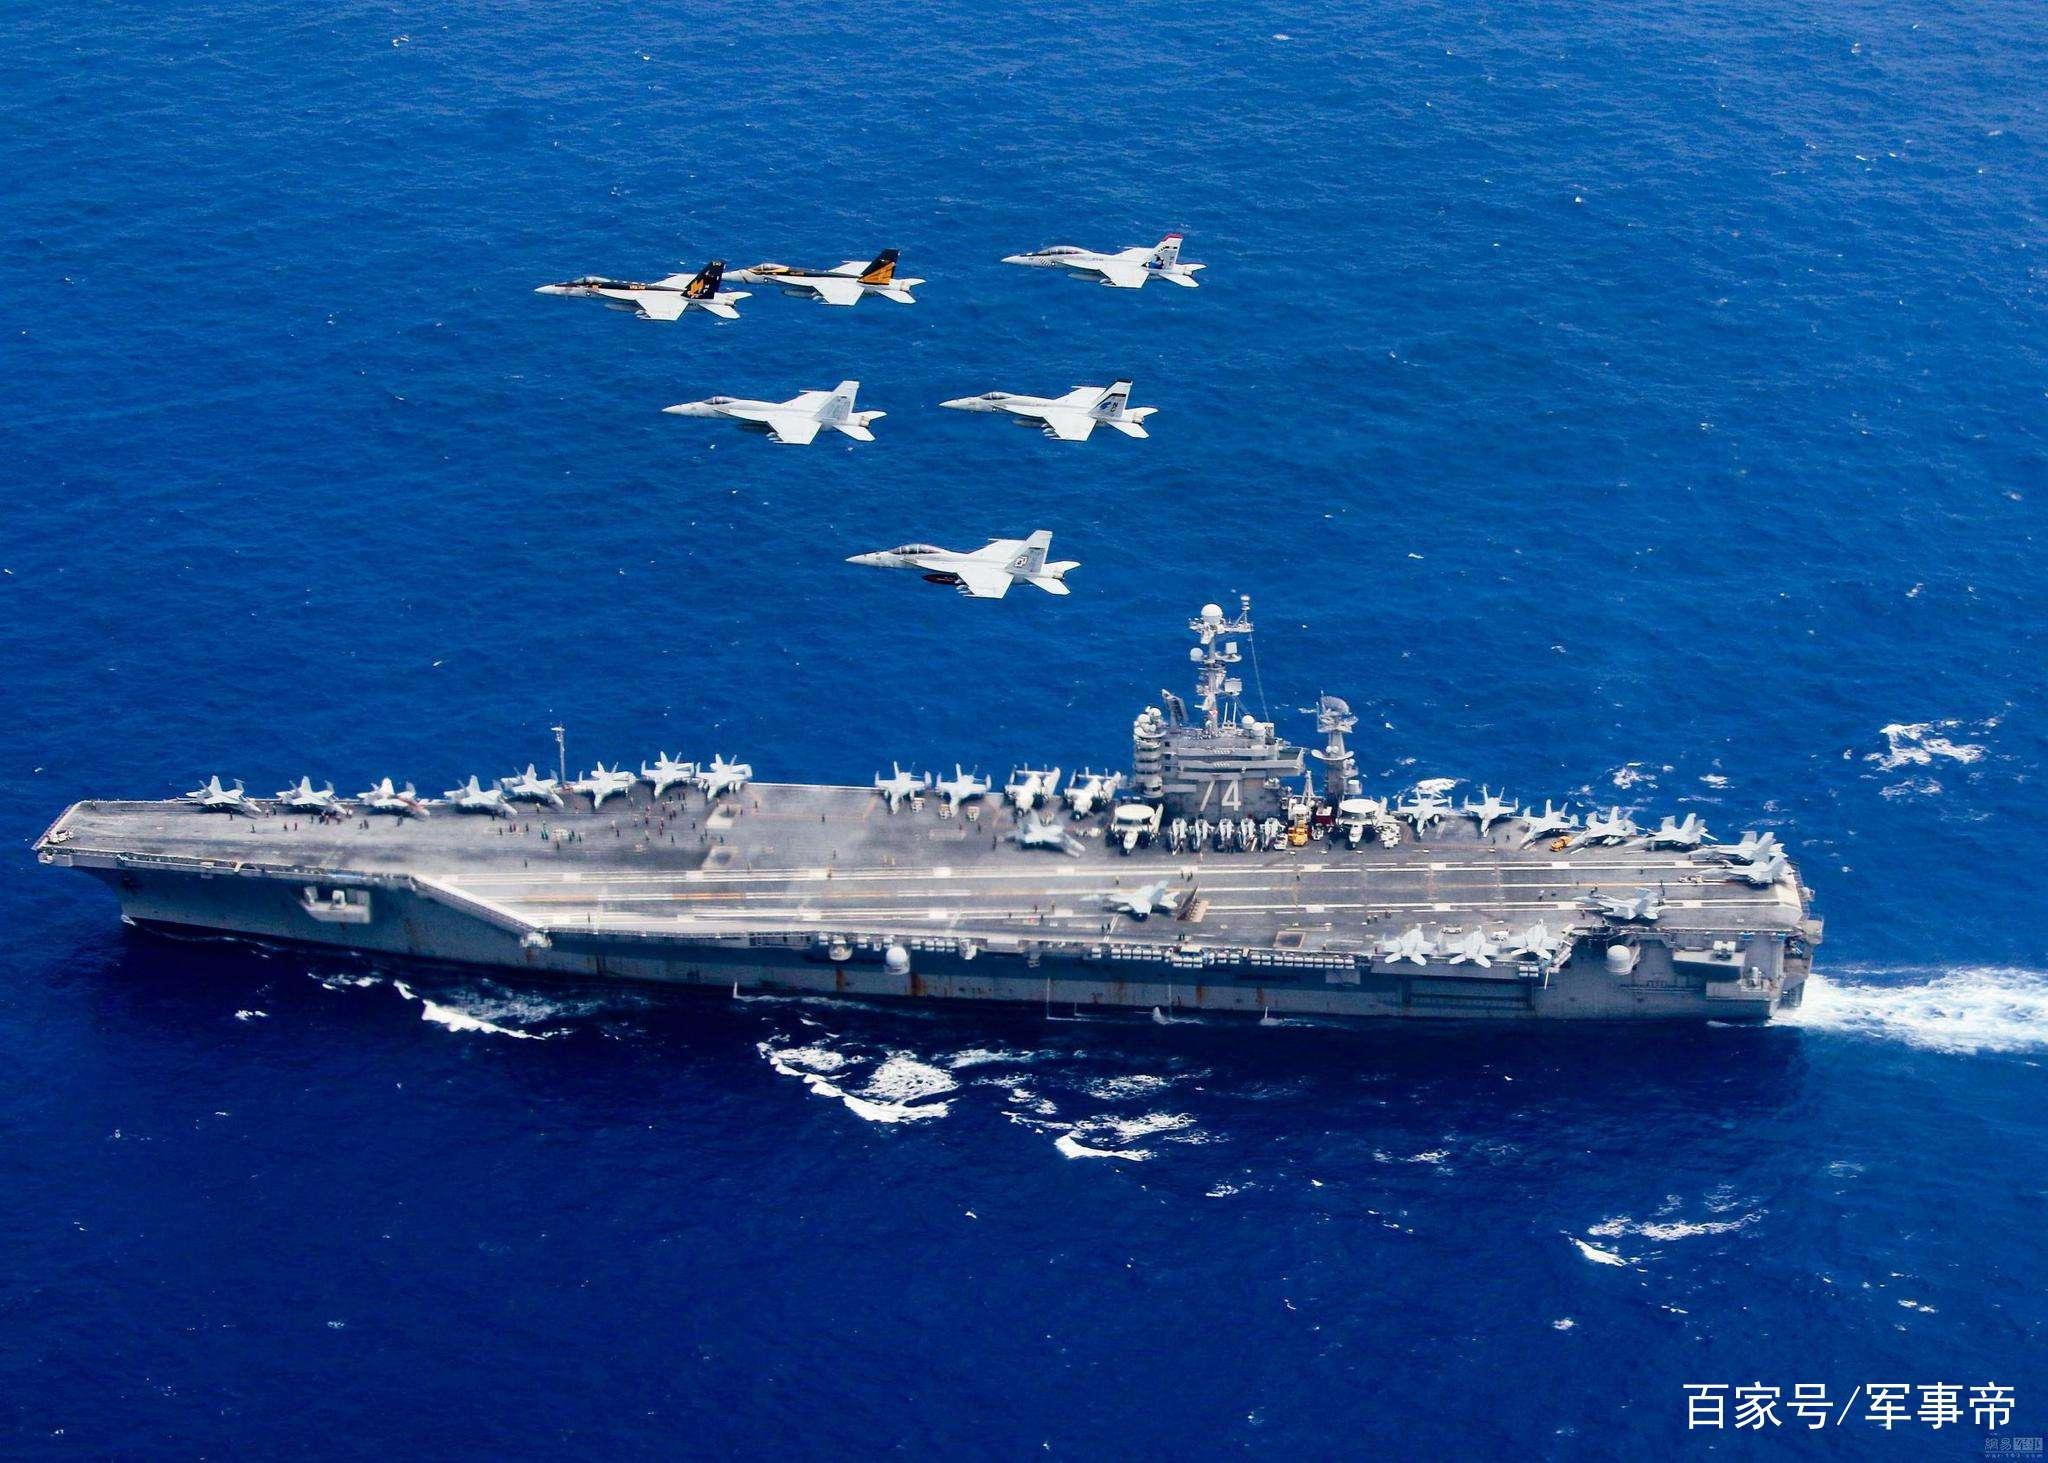 若爆发大规模战争,中俄两国齐射核导弹,美军能拦得住吗?